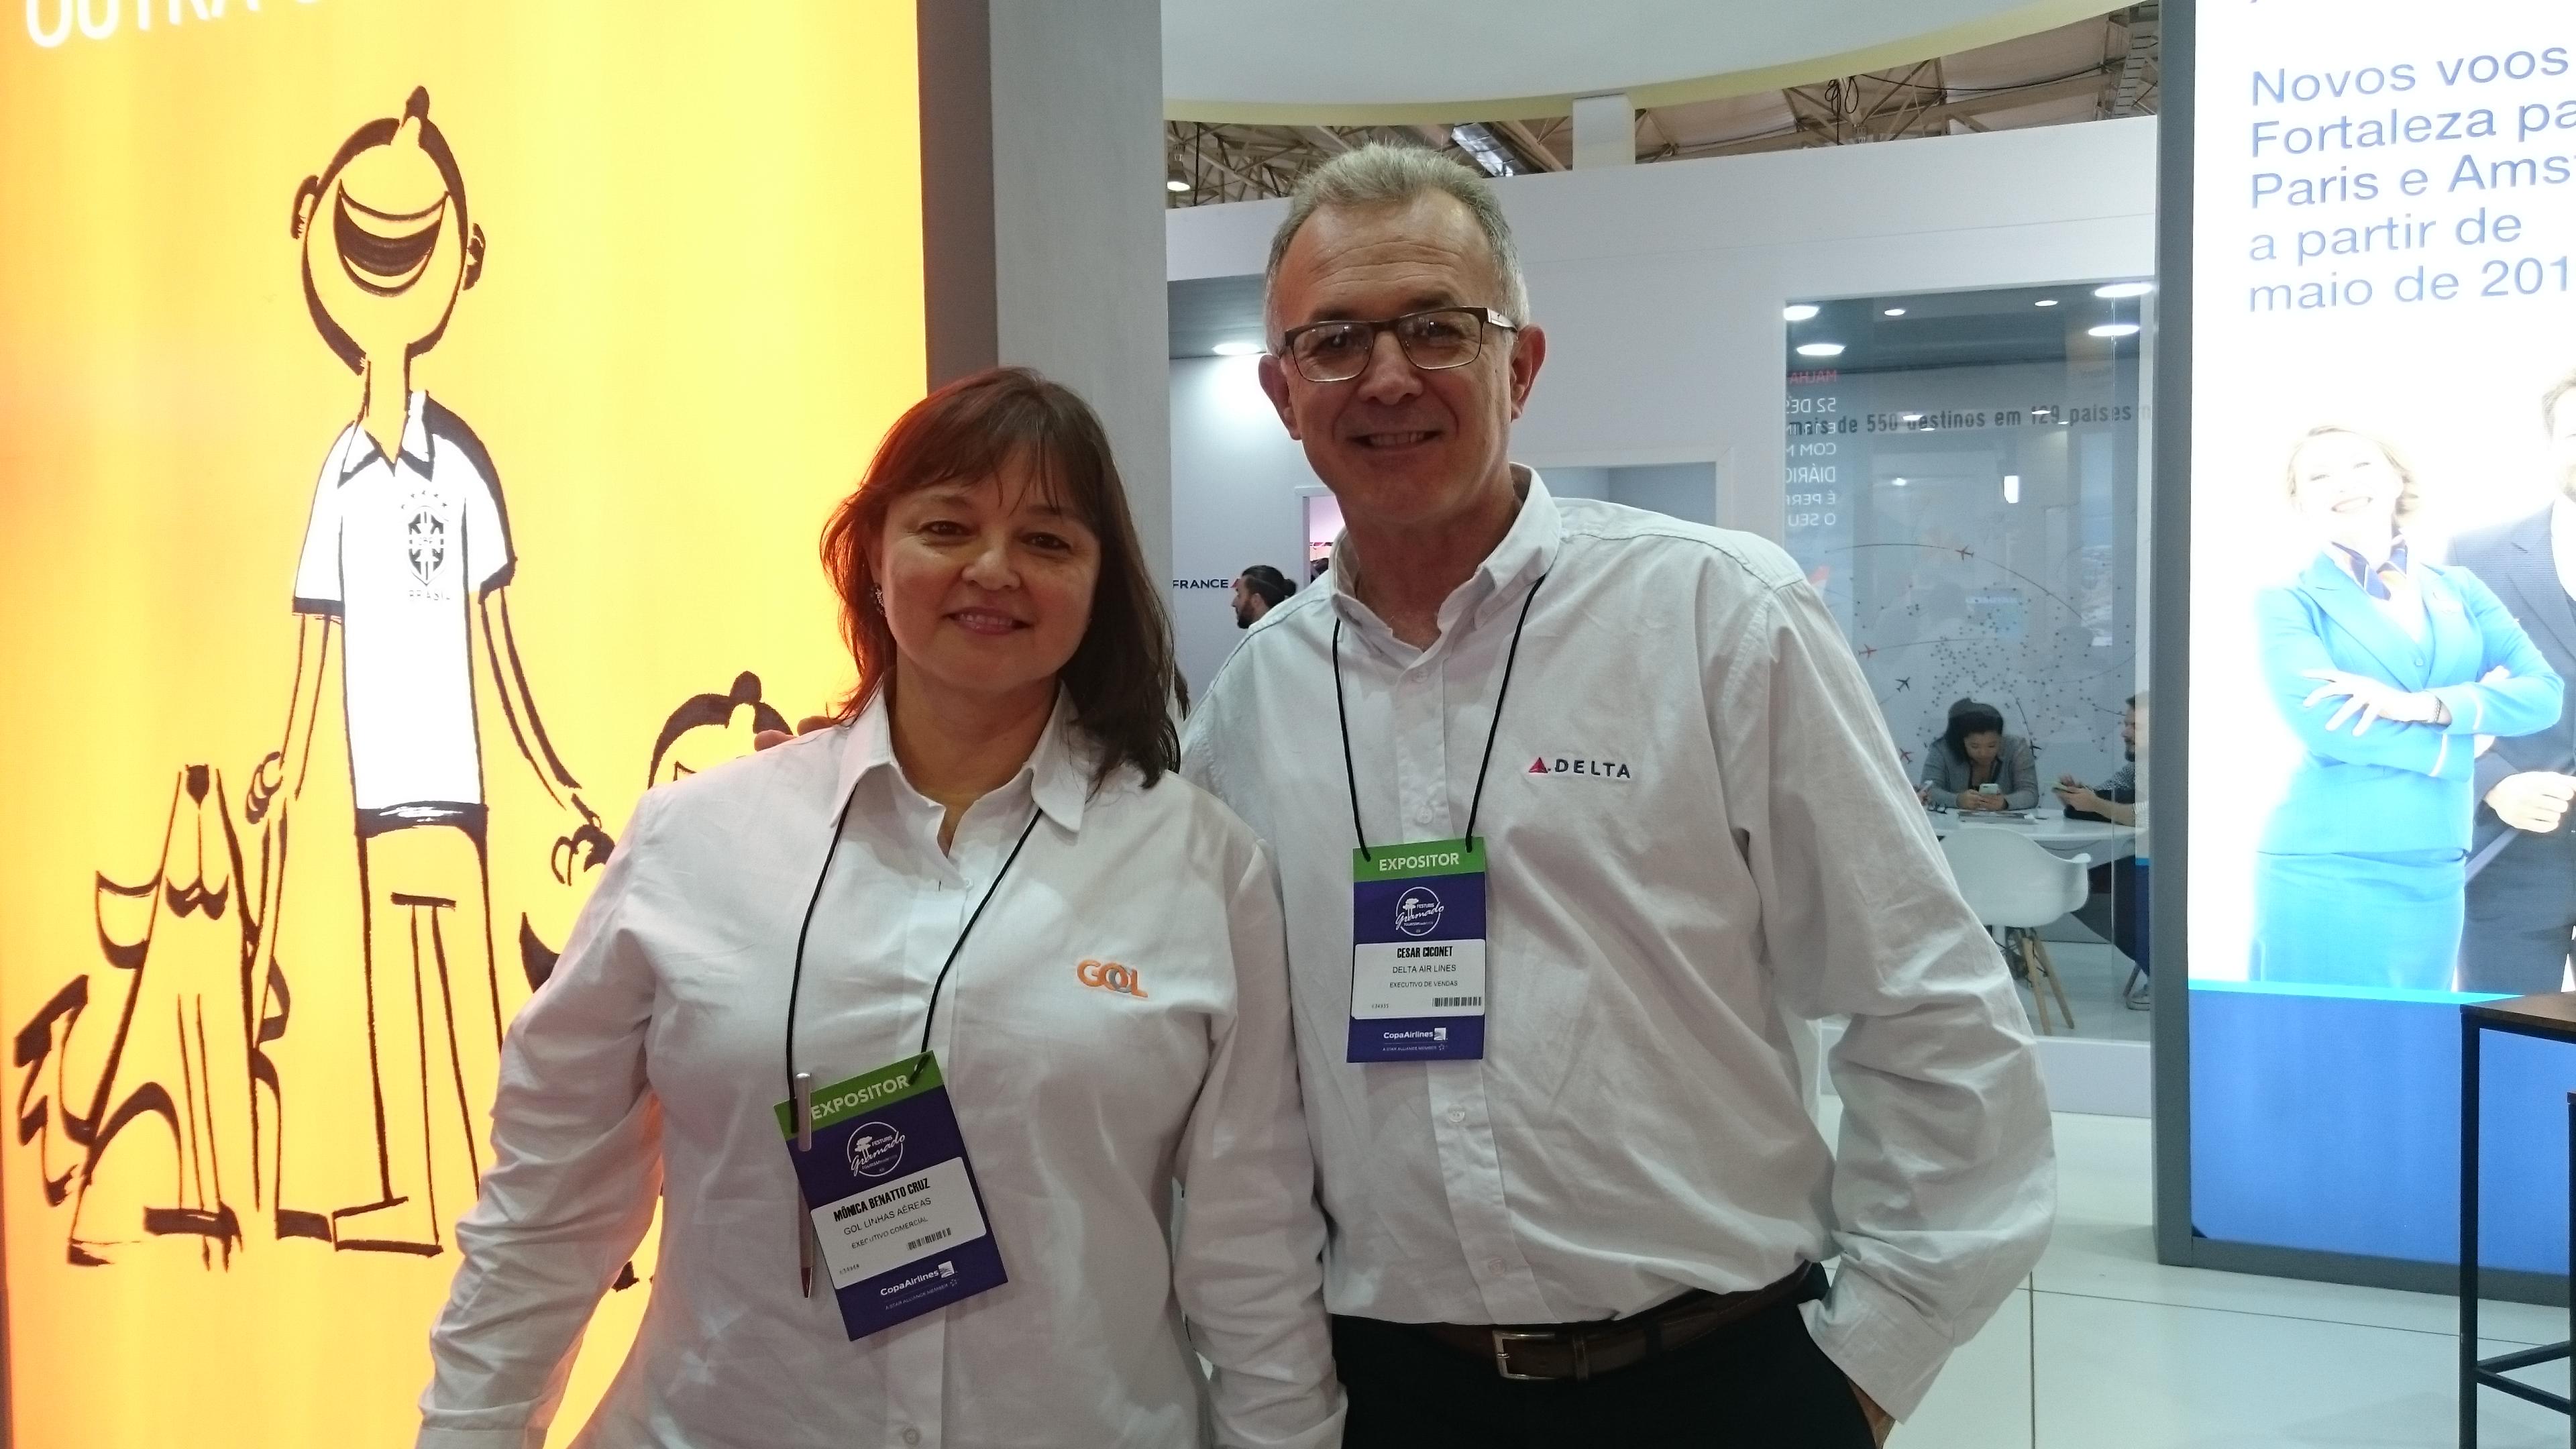 Mônica Cruz, da Gol Linhas Aéreas, e Cesar Ciconet, da Delta Air Lines